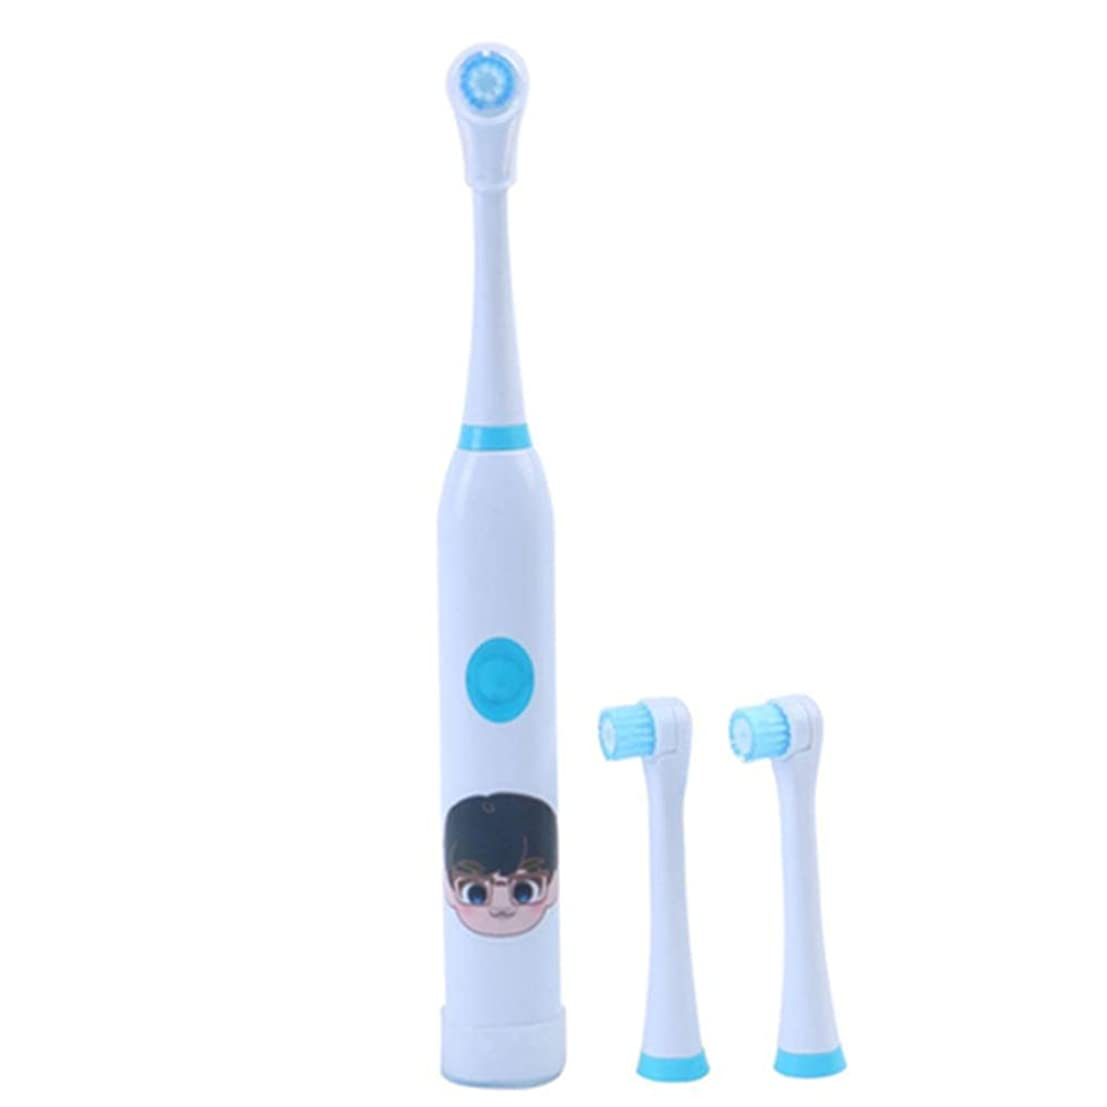 受粉する行進ワイン子供の電動歯ブラシUSB充電式ホワイトニング歯ブラシ歯科医推奨 (色 : 青, サイズ : Free size)